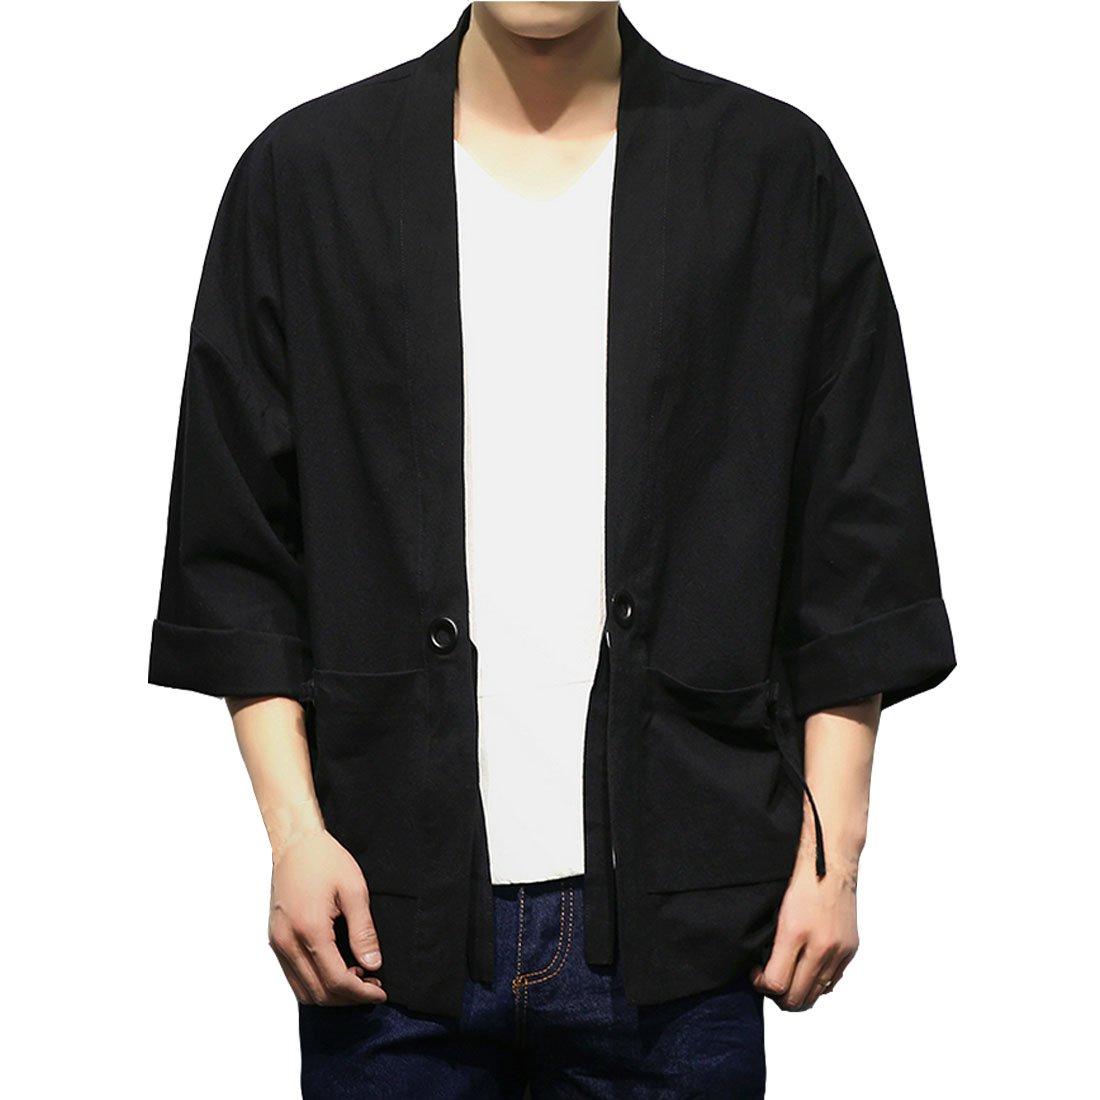 Hzcx Fashion Men's Cotton Blends Linen Open Front Cardigan Kimono Jackets QT4018-M707-60-B-US S(34) TAG M